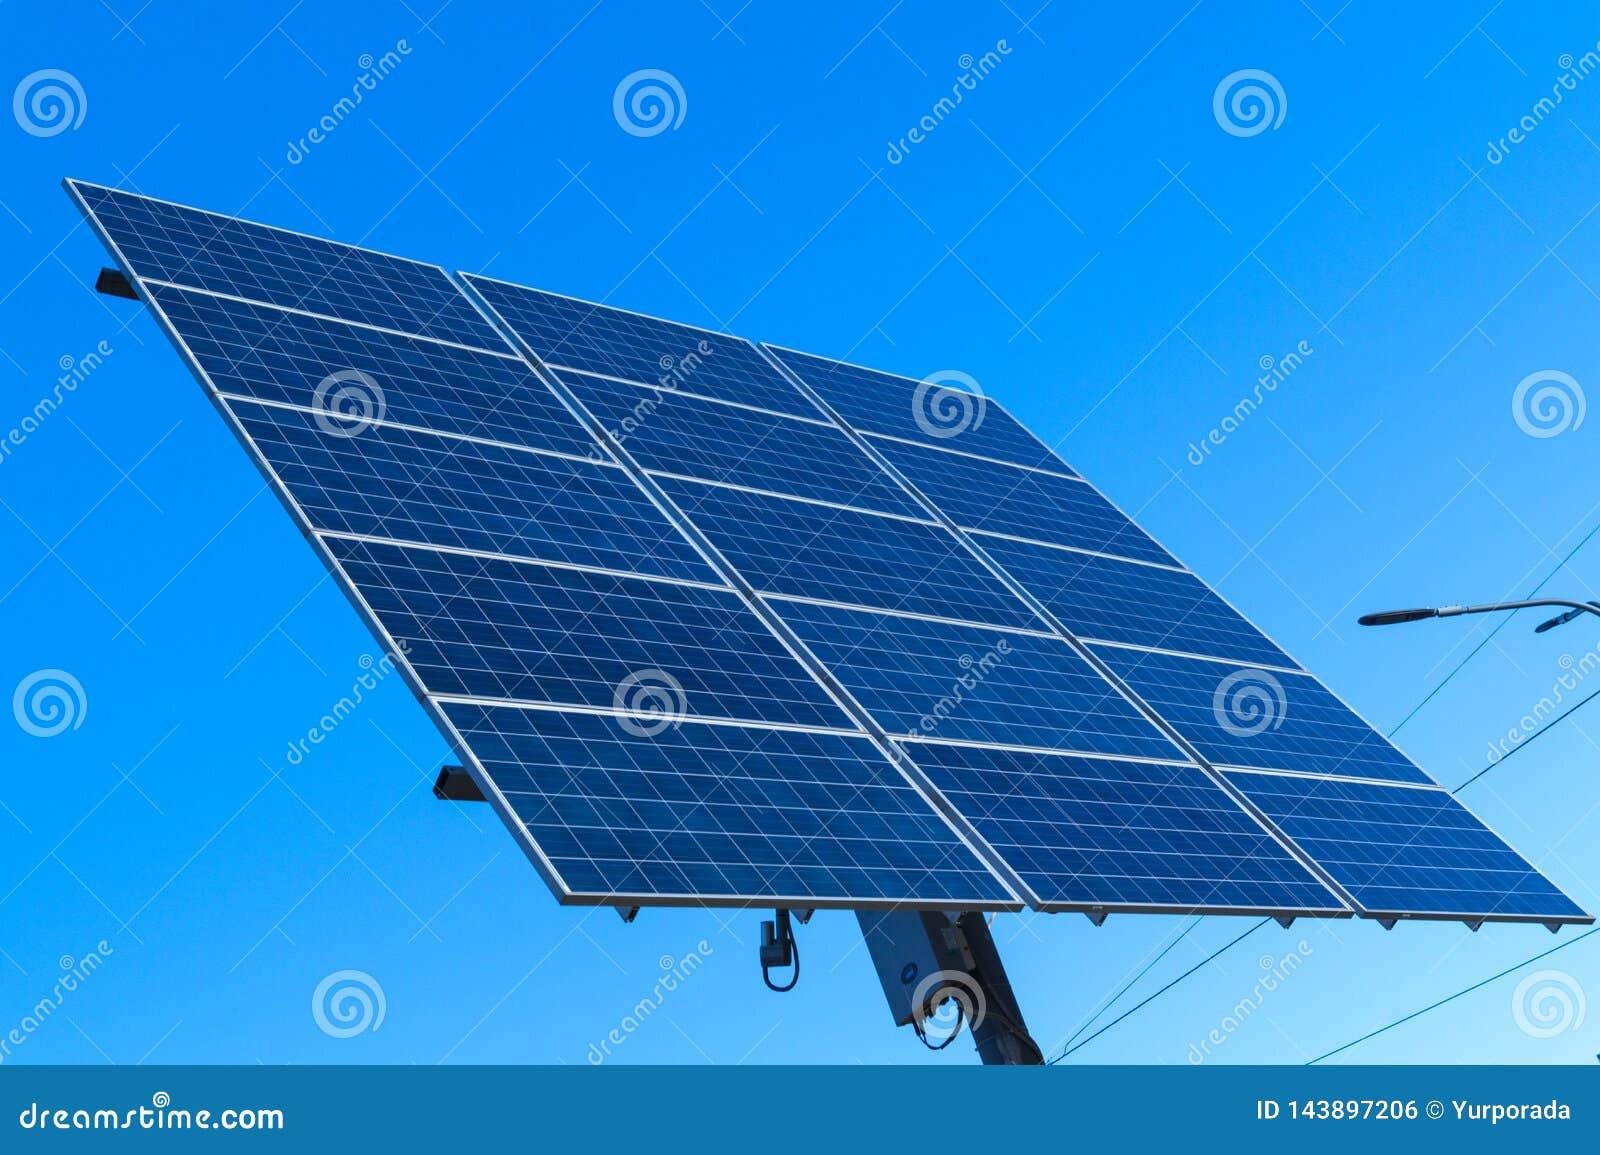 Sonnenkollektor, alternative Stromquelle - Konzept von stützbaren Betriebsmitteln